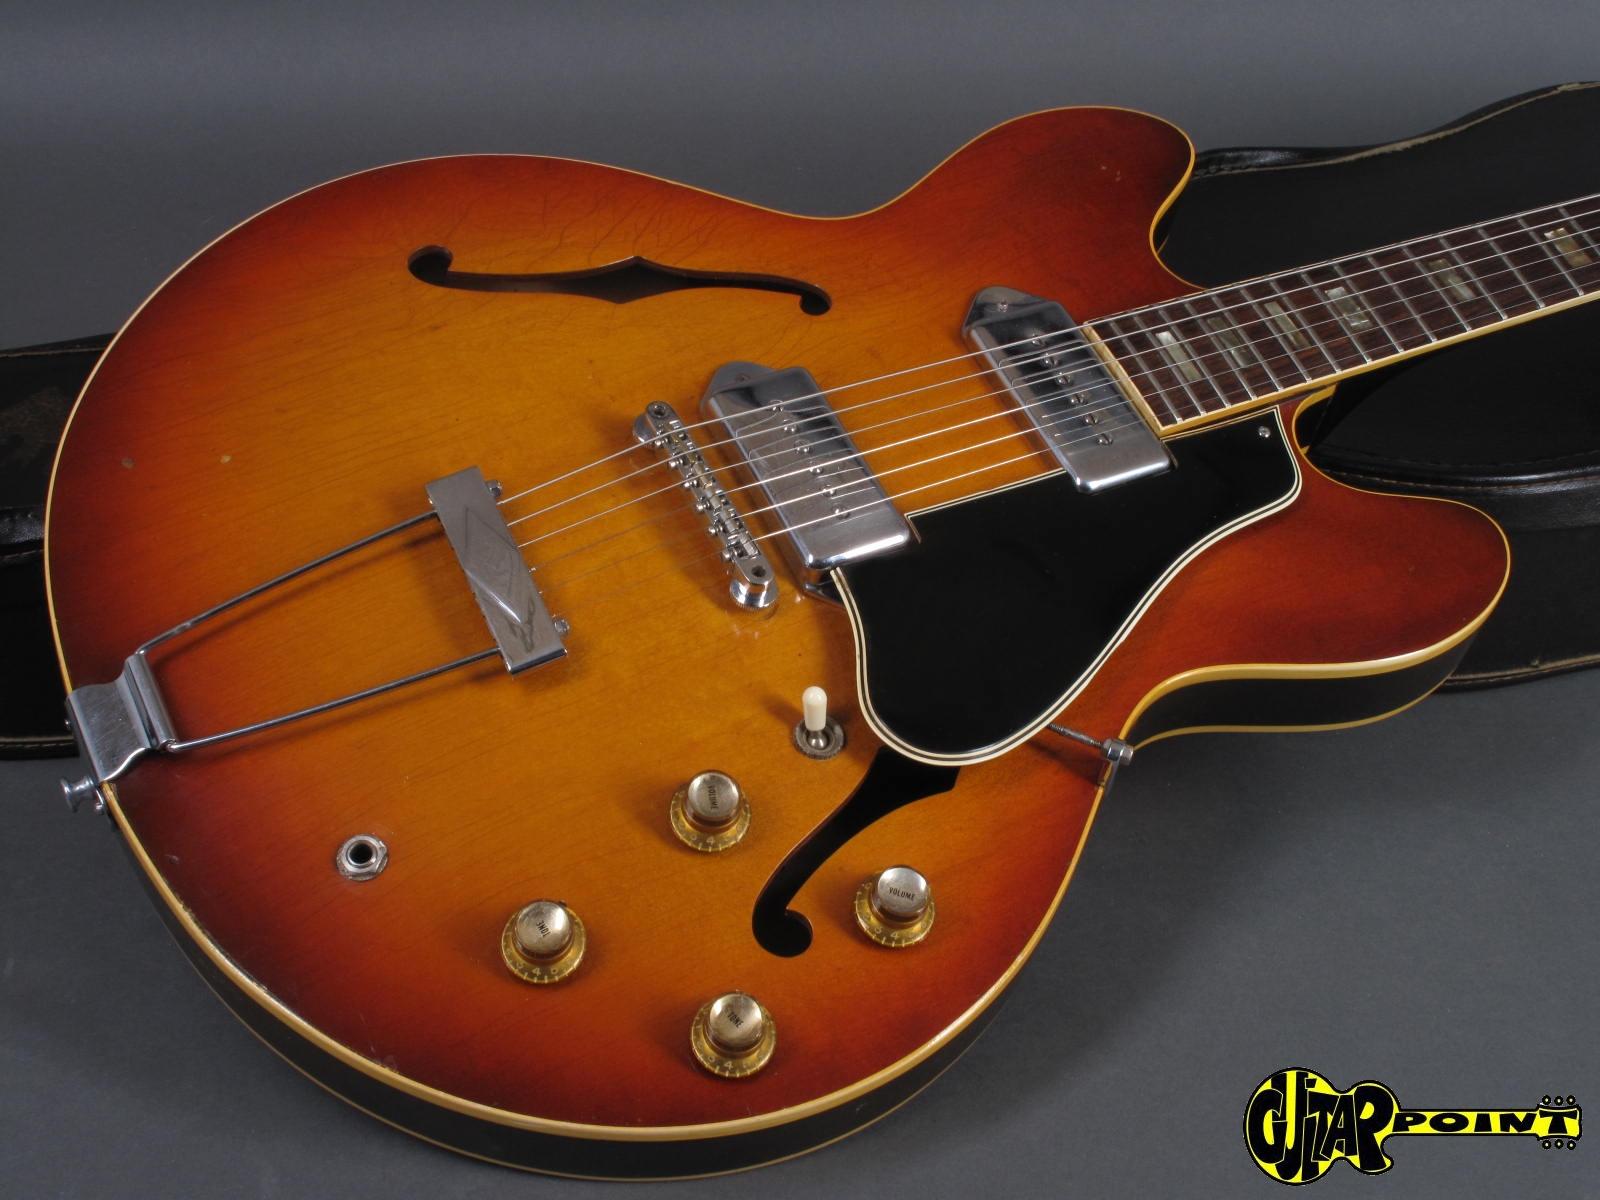 gibson es 330 td 1966 icetea sunburst guitar for sale guitarpoint. Black Bedroom Furniture Sets. Home Design Ideas